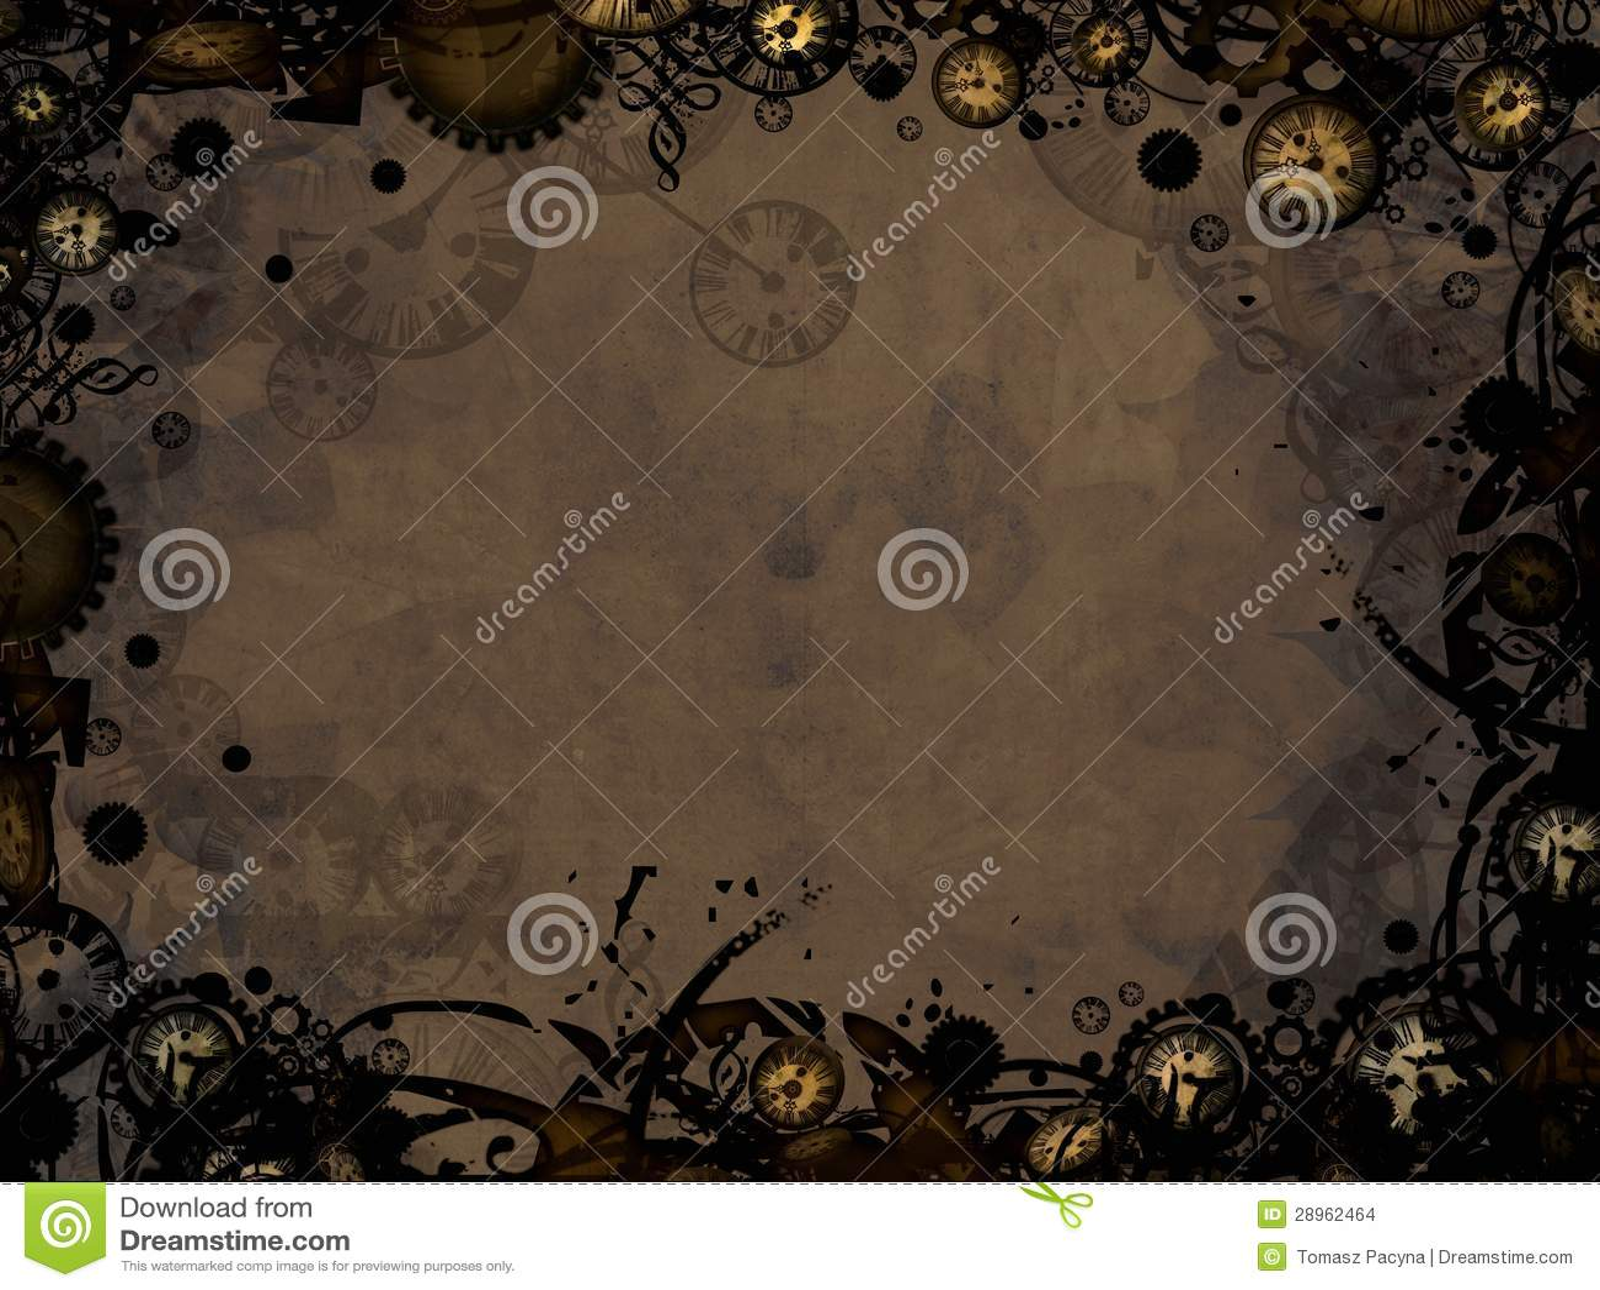 Abstract Vintage Clocks Steampunk Dark Background Stock ...